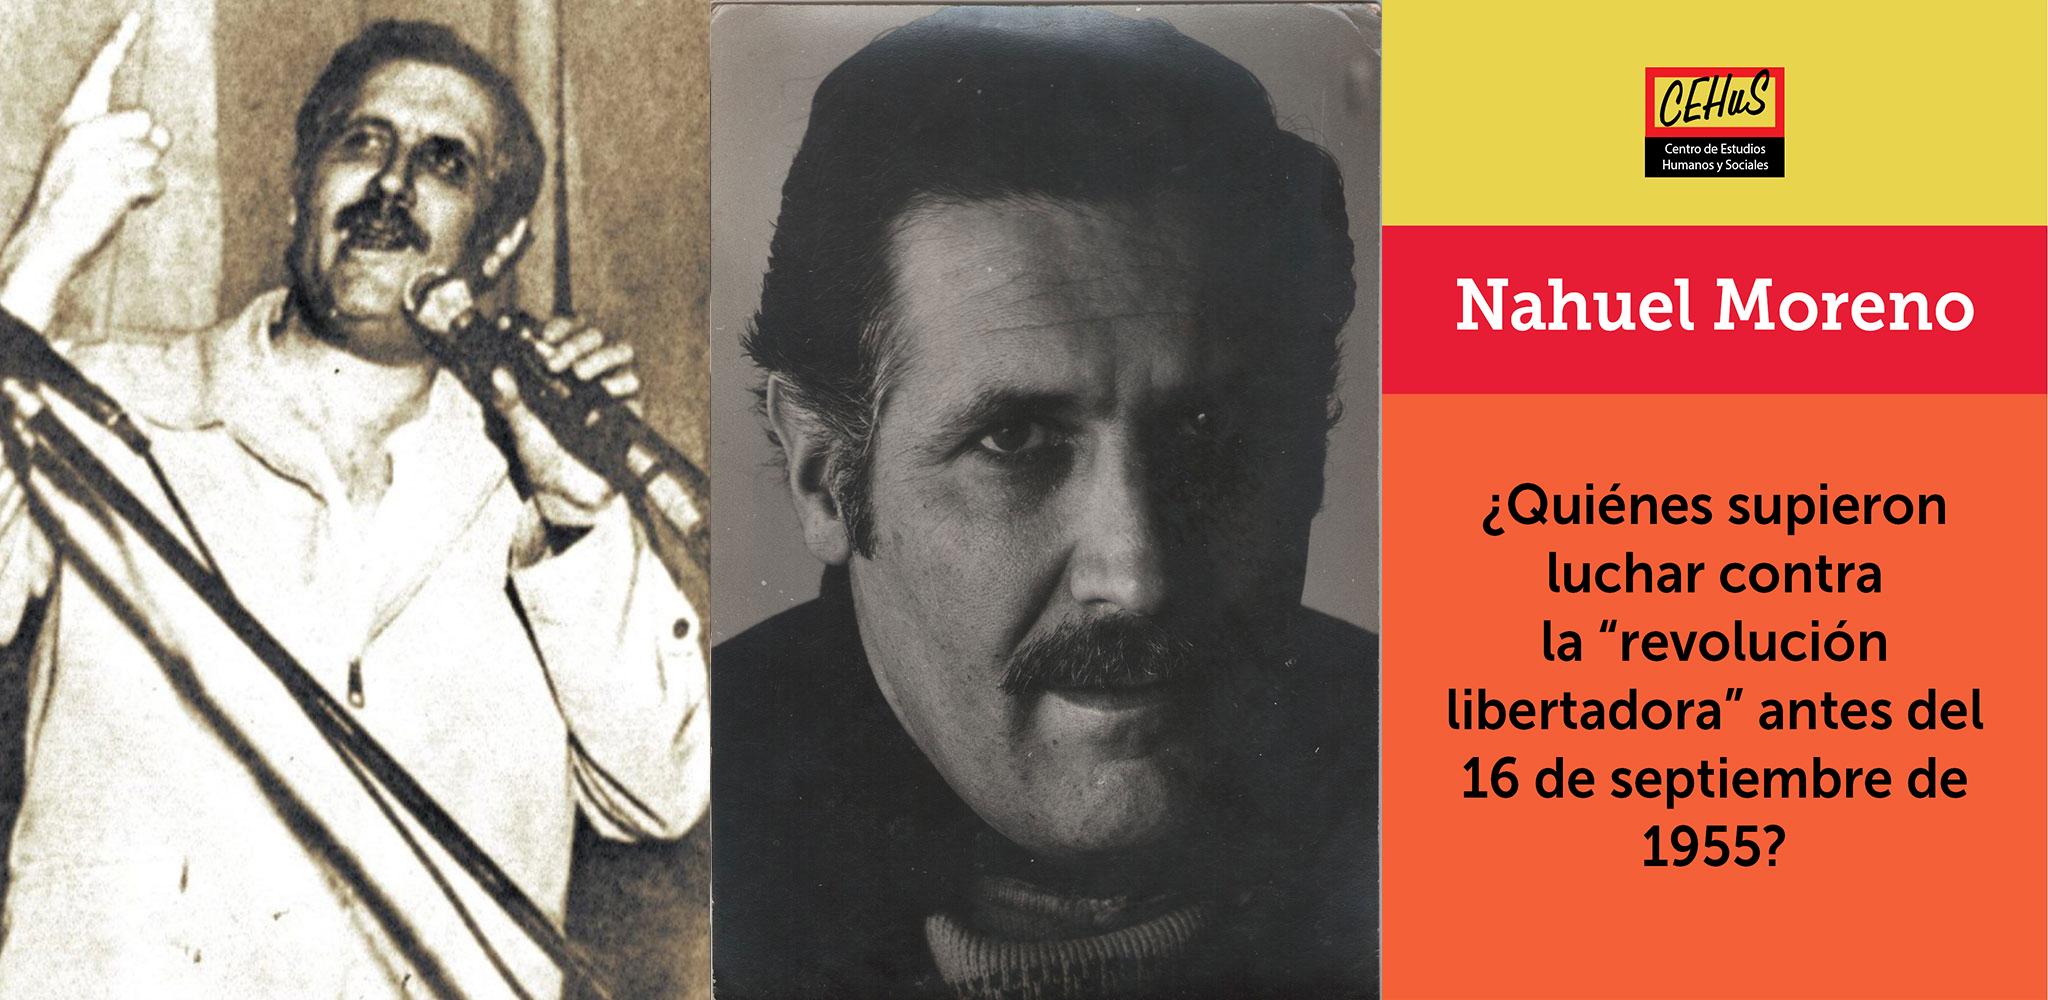 """¿QUIÉNES SUPIERON LUCHAR CONTRA LA """"REVOLUCIÓN LIBERTADORA"""" ANTES DEL 16 DE SEPTIEMBRE DE 1955? (1954-1957)"""